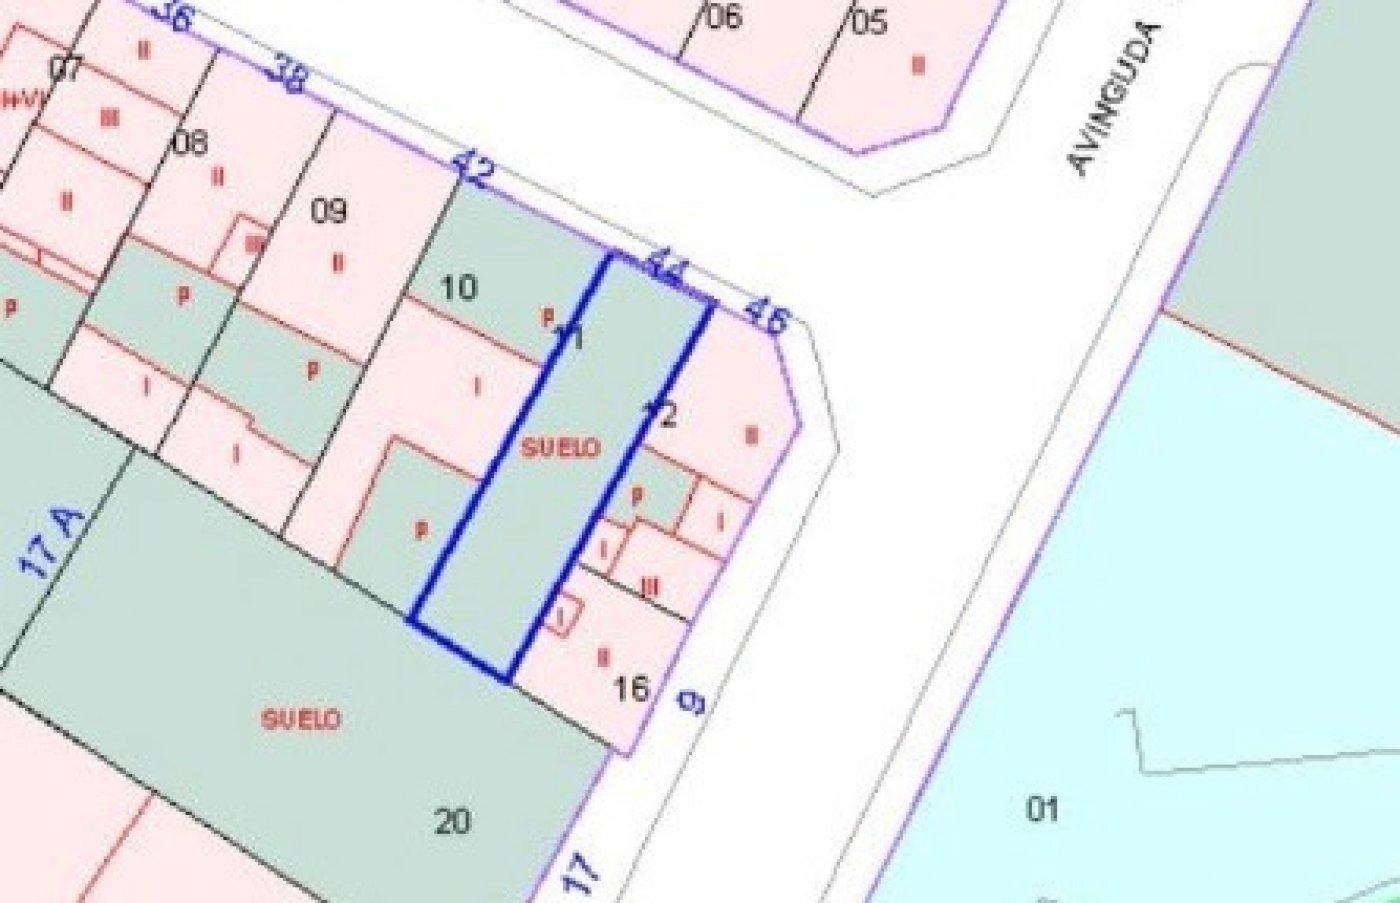 Urbano/solar/parcela en venta en c/ cervantes con edificabilidad para 10 viviendas, gandia - imagenInmueble1